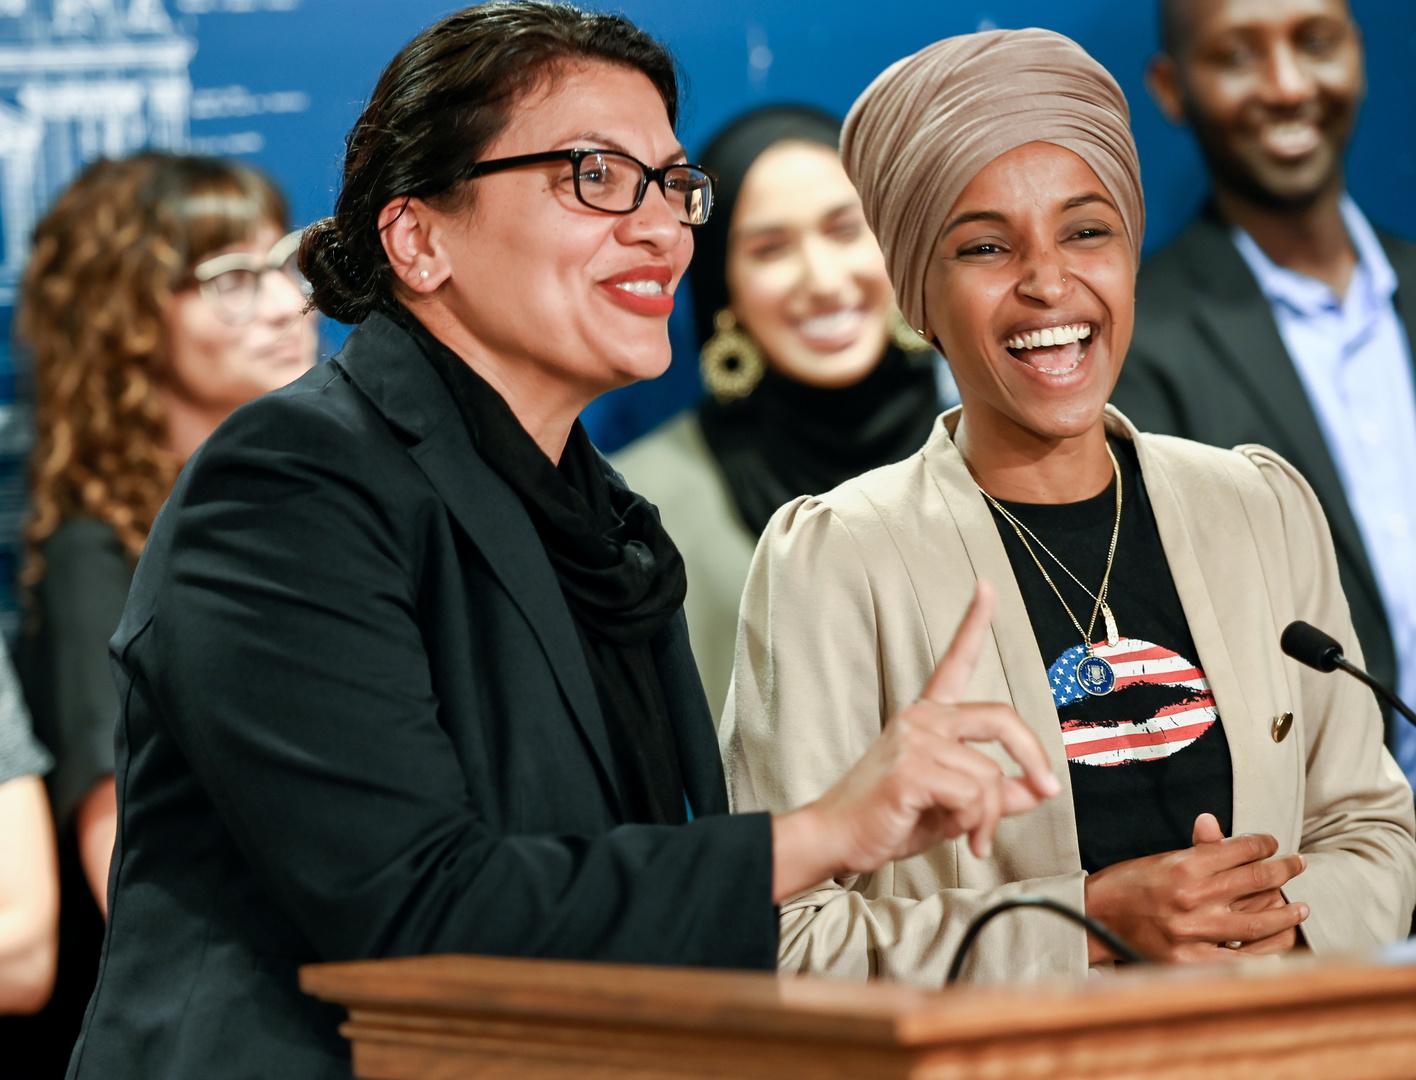 أول نائبتين مسلمتين في الكونغرس تتعرضان لحملة تشهير من إسرائيل في